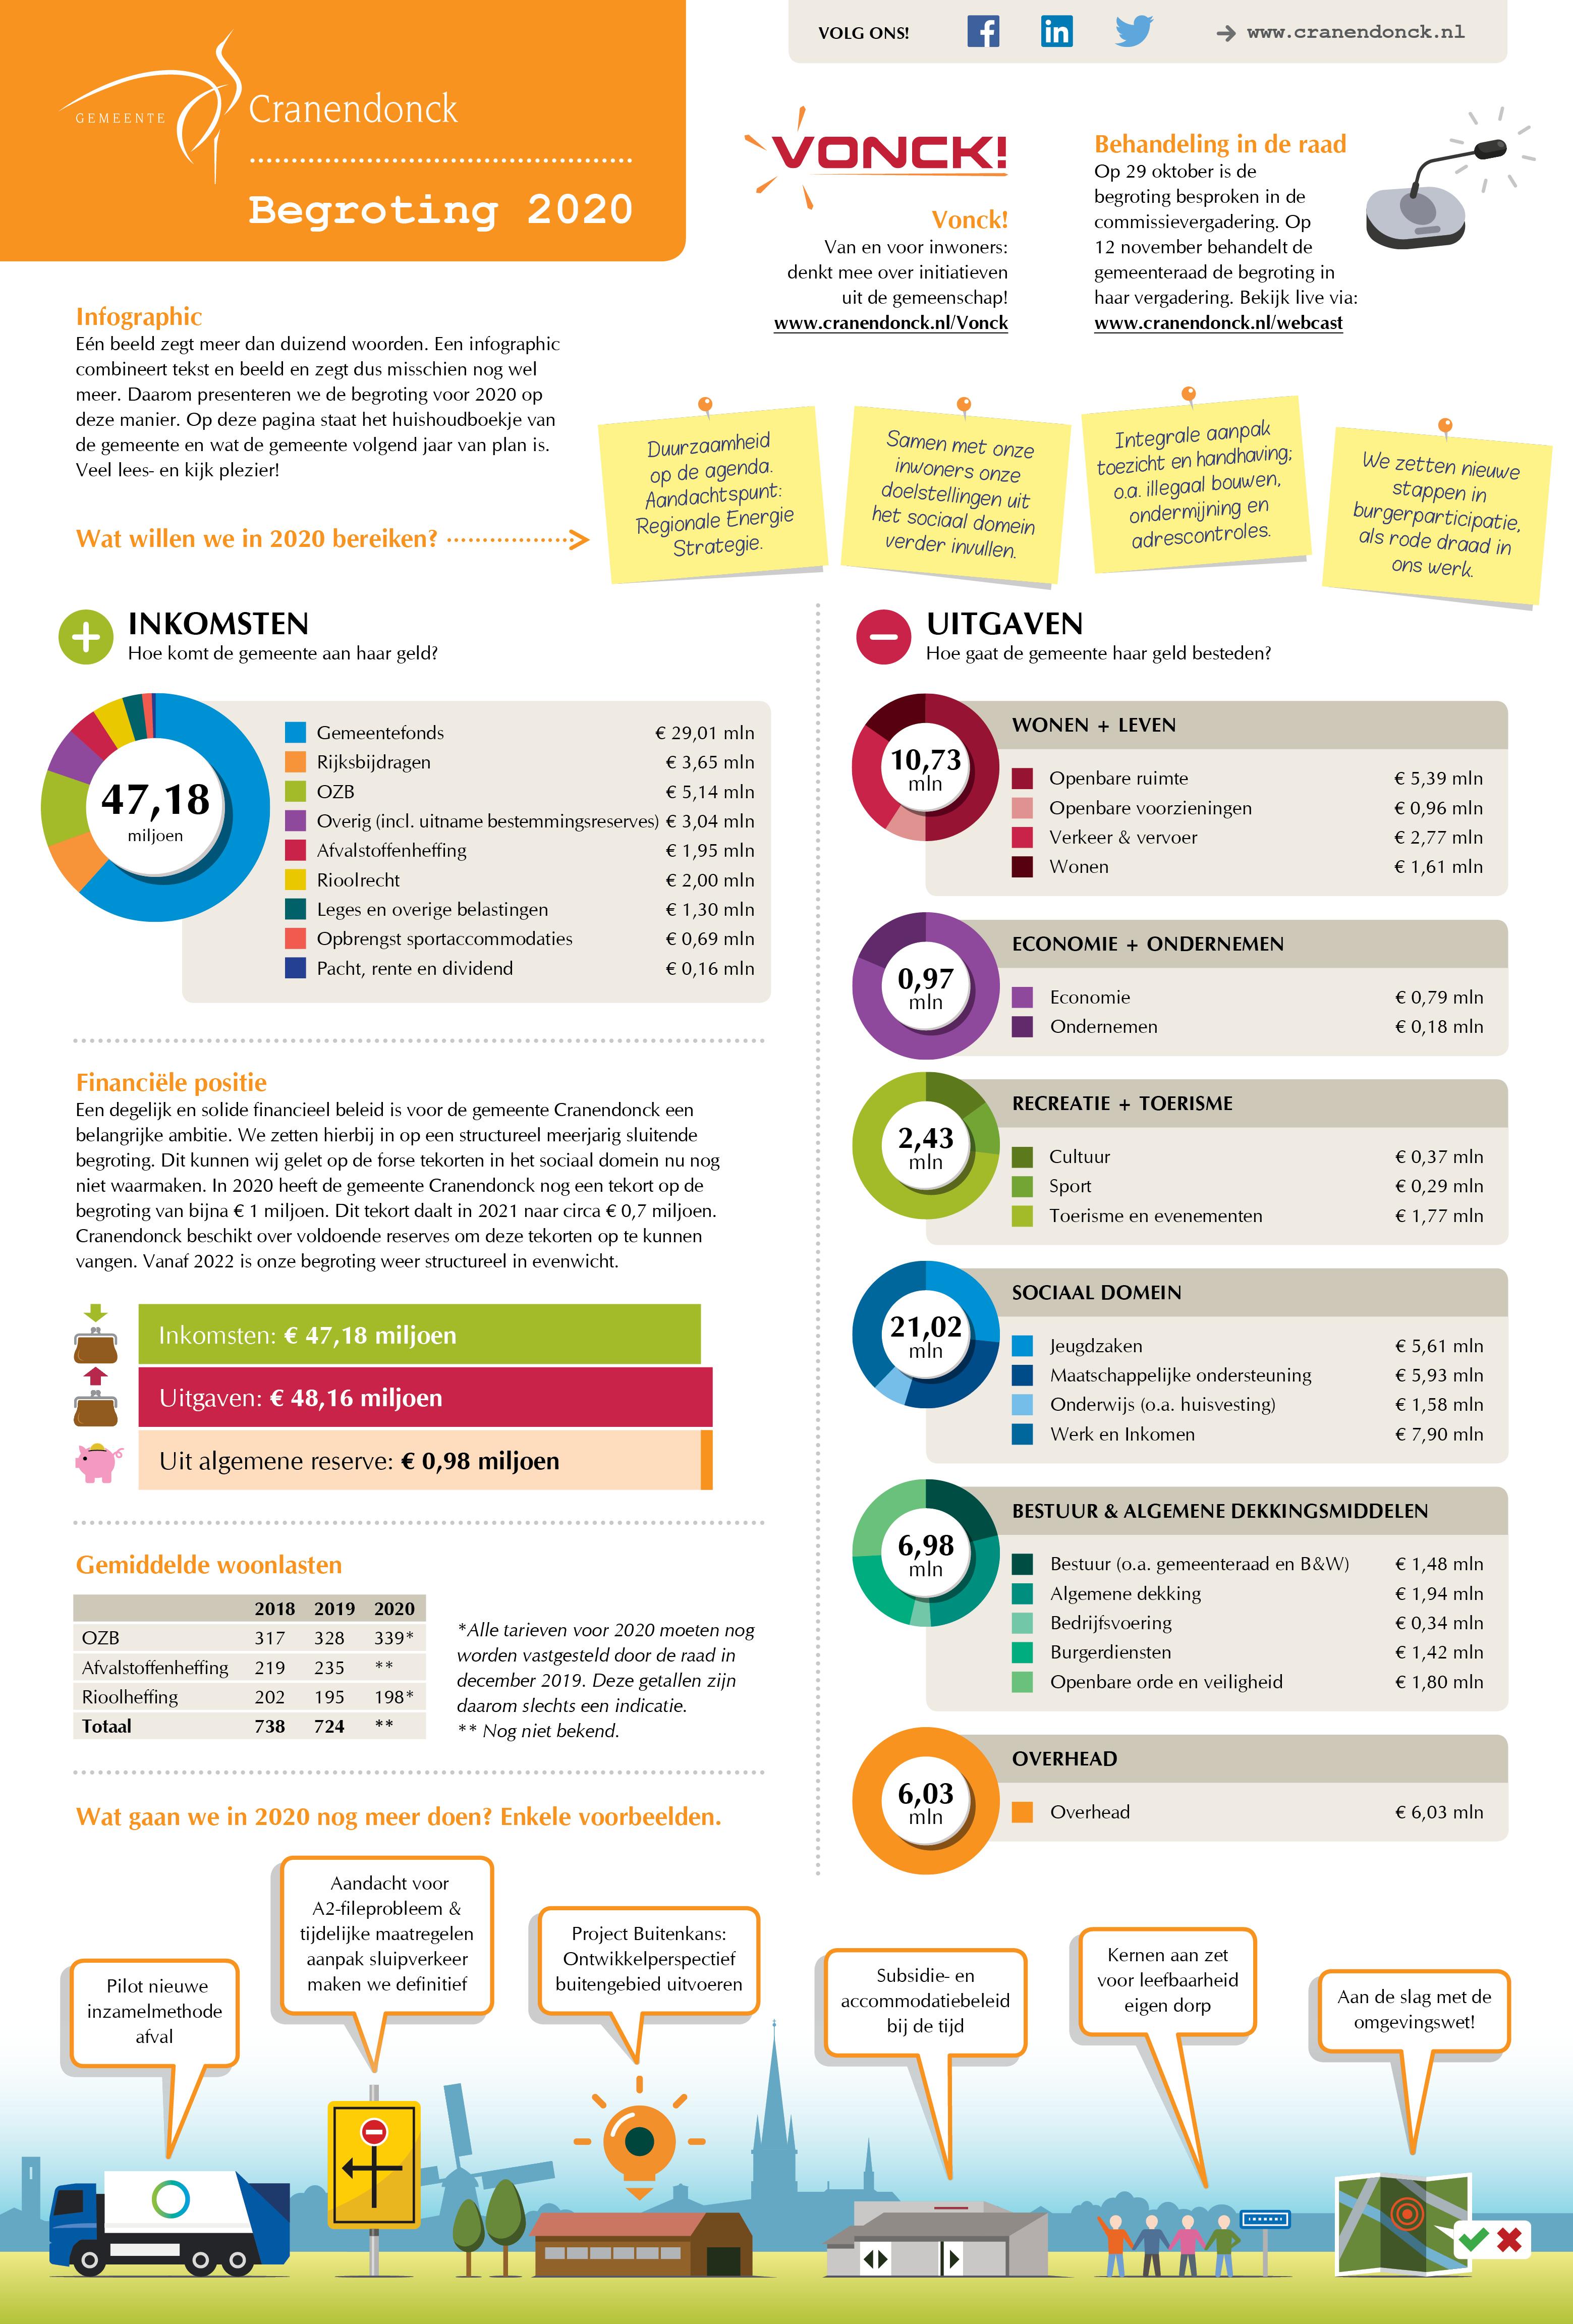 Infographic Begroting 2019 Gemeente Cranendonck - Gemeente Cranendonck